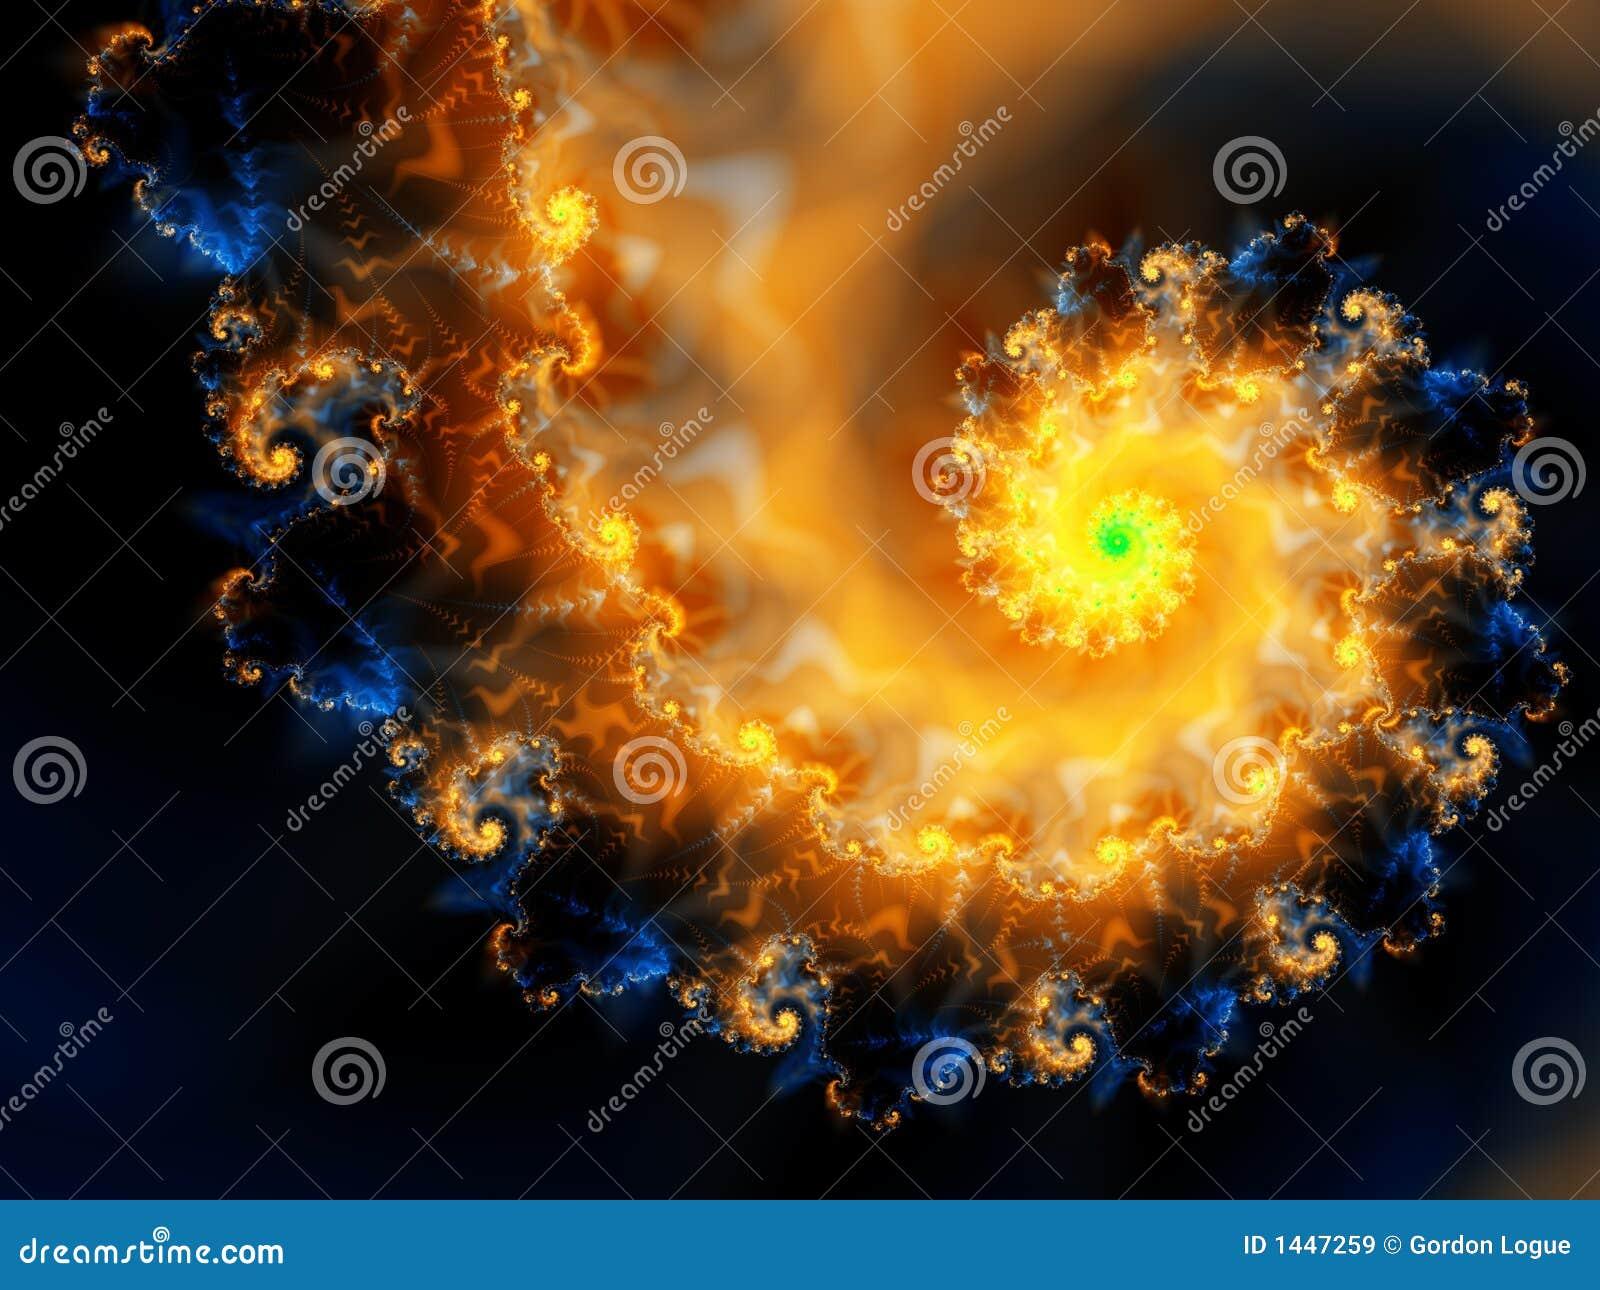 Kosmische Brand